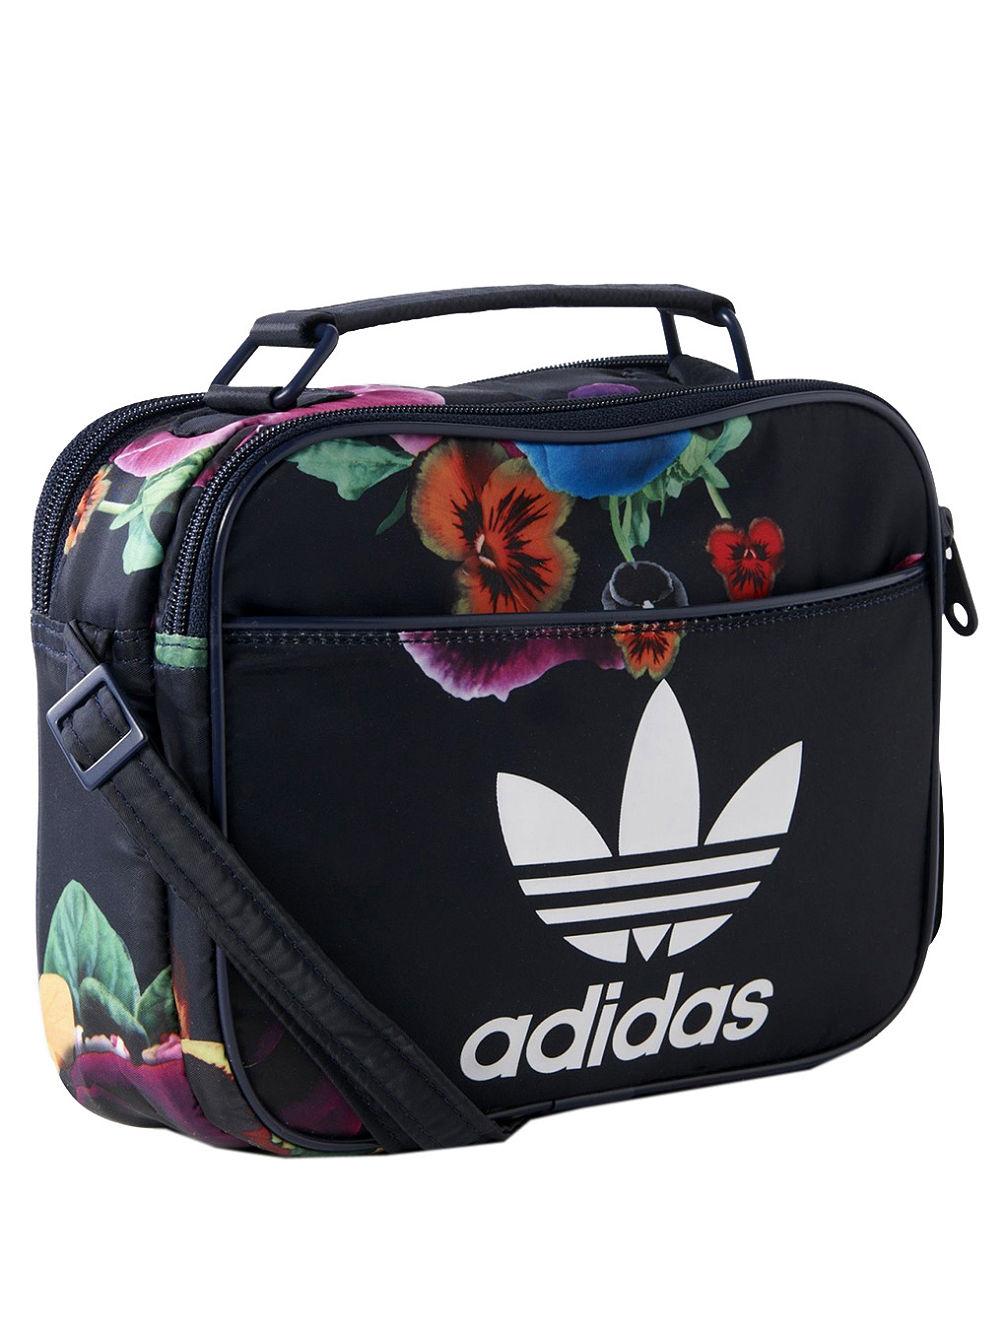 adidas Originals Floral Mini Airliner Handtasche online kaufen bei ... b66d1d3526dfe